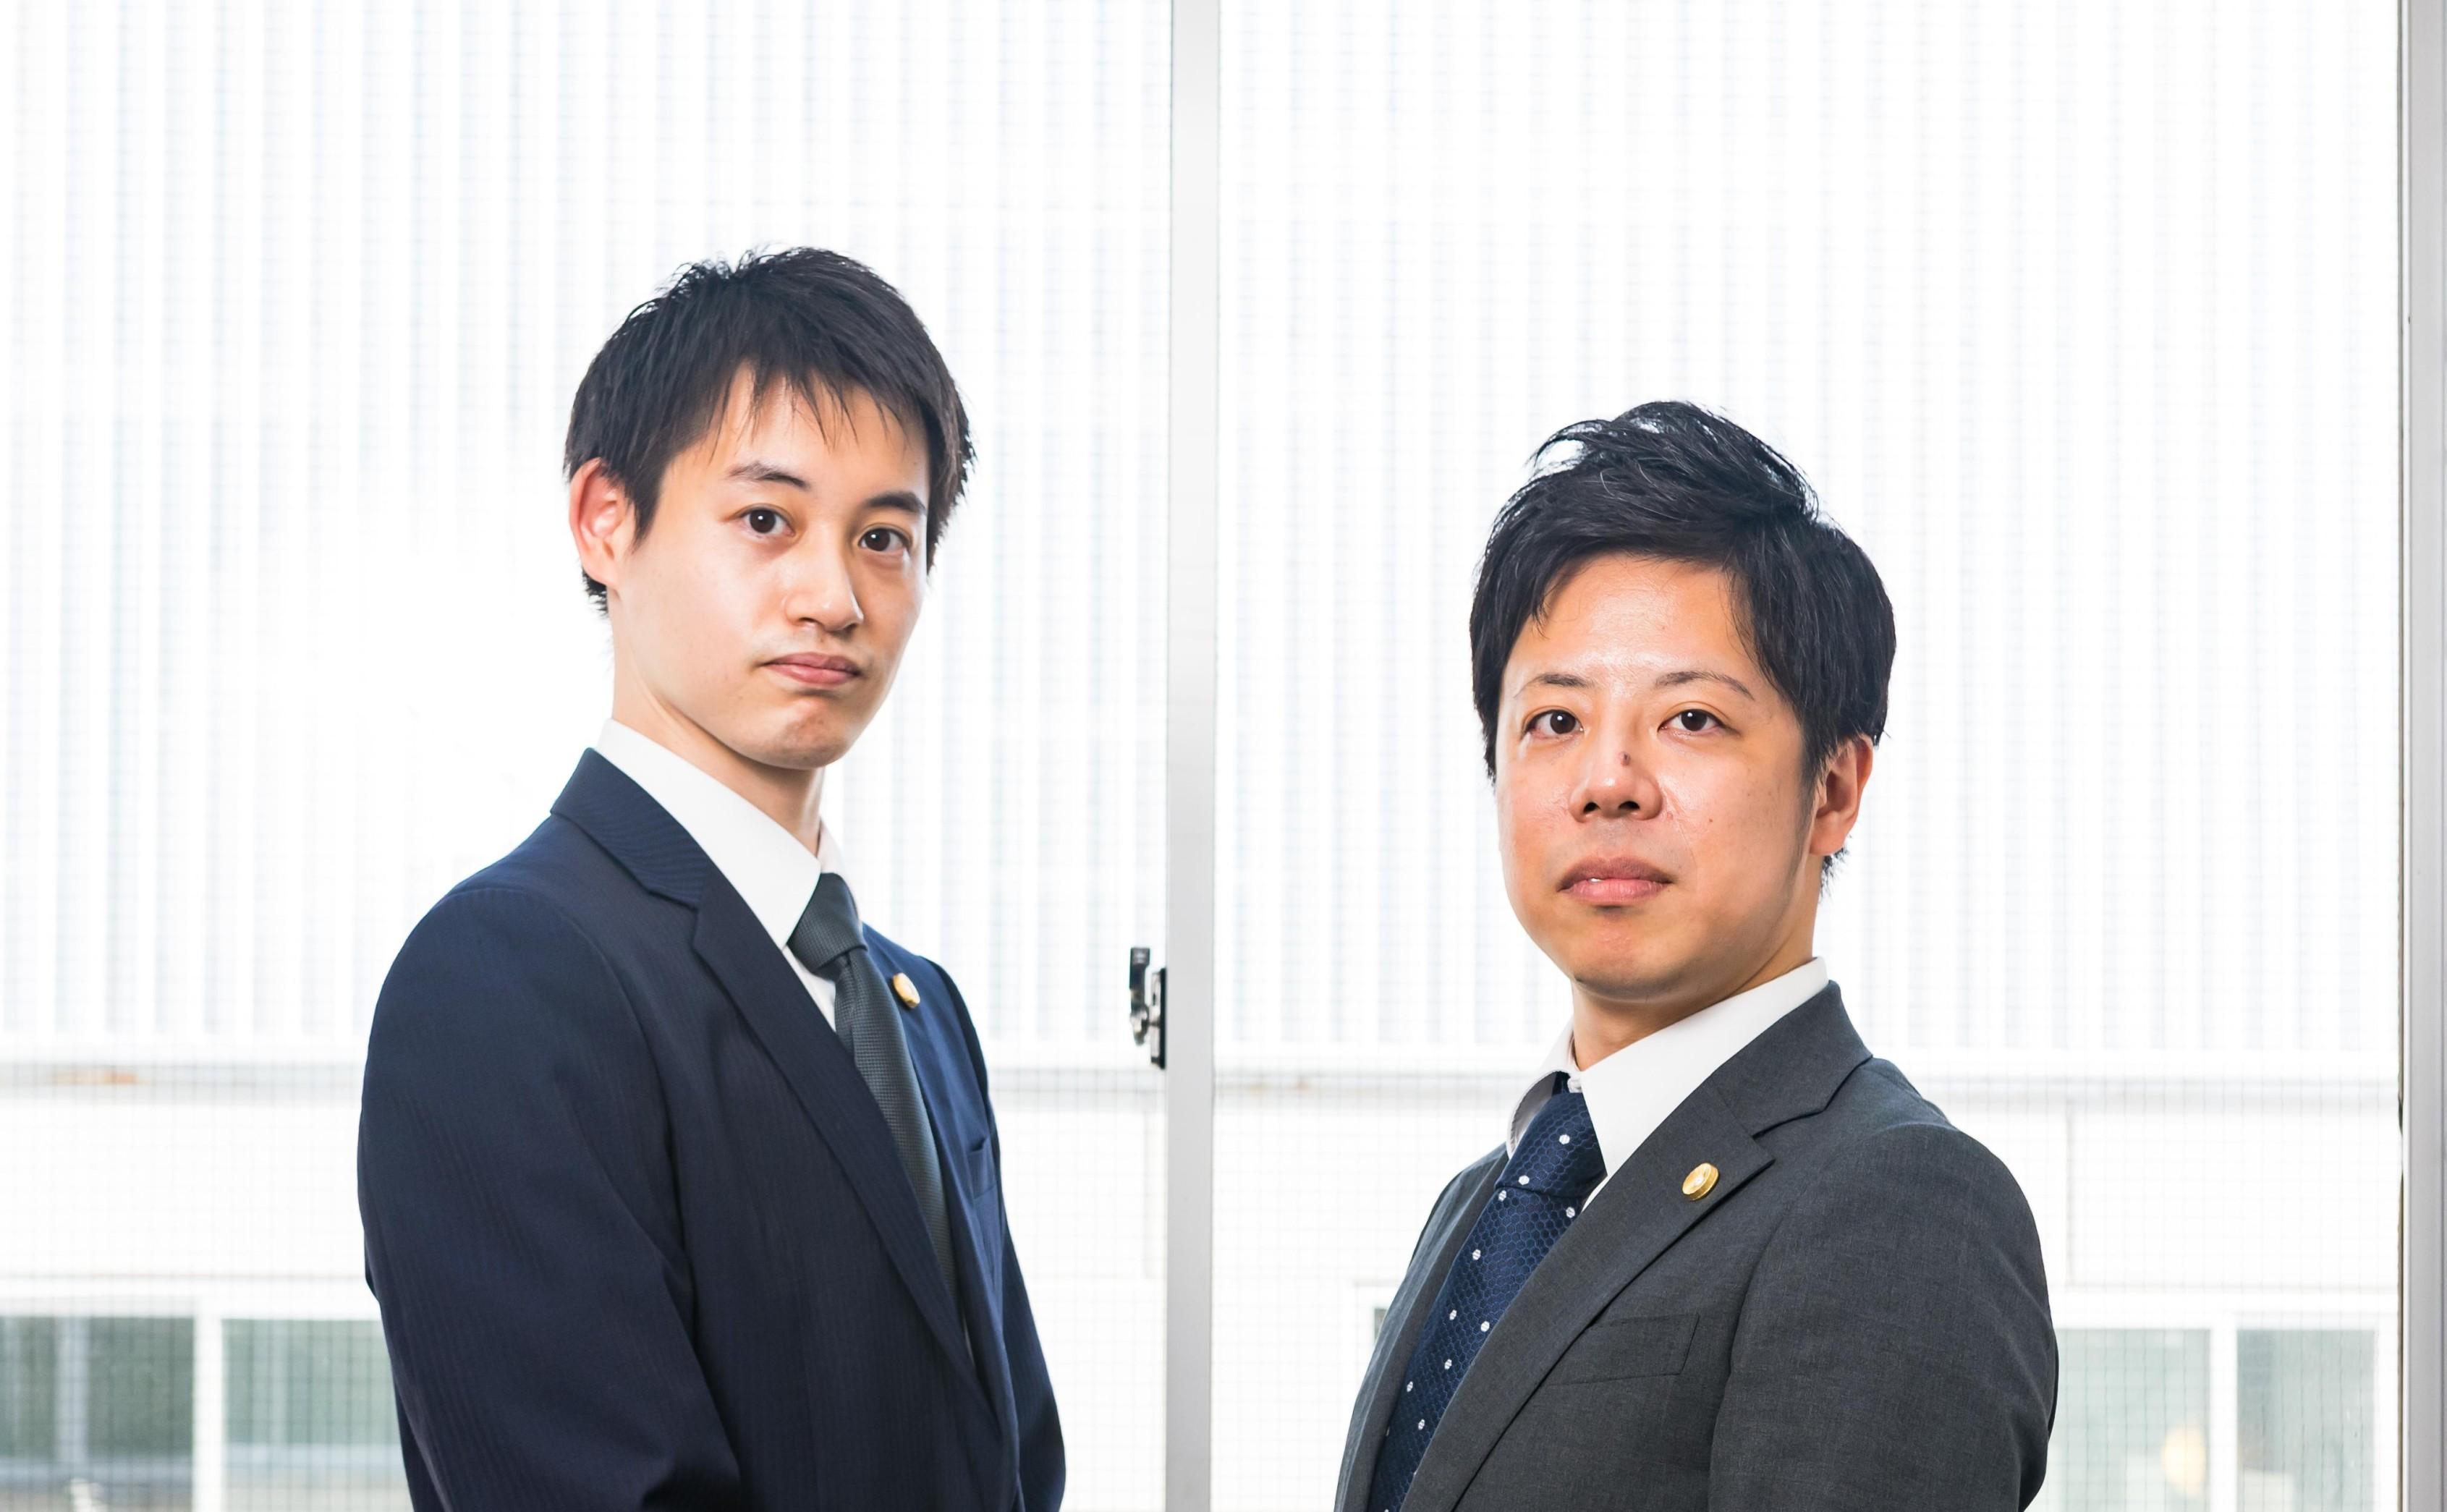 弁護士法人泉総合法律事務所川口支店